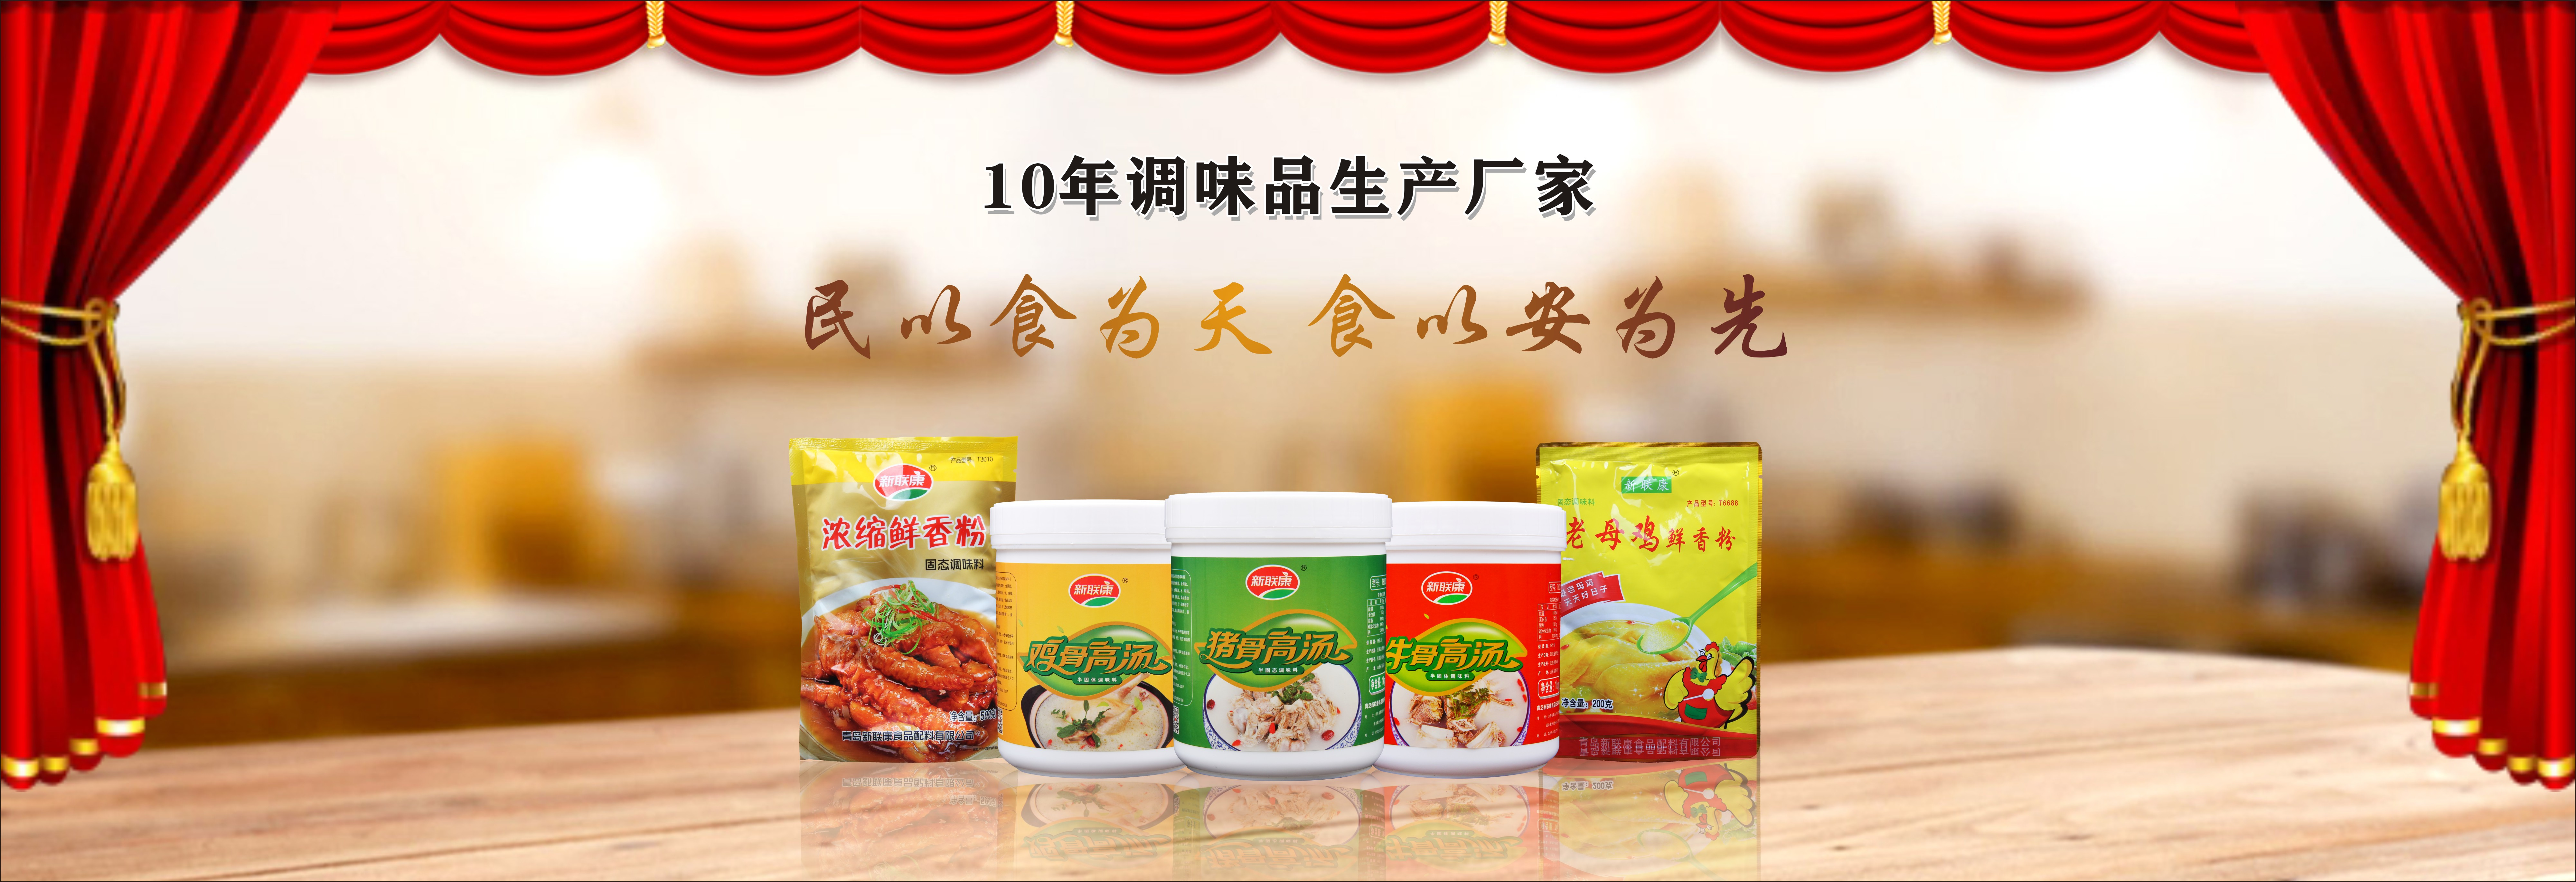 新联康10年调味料生产厂家